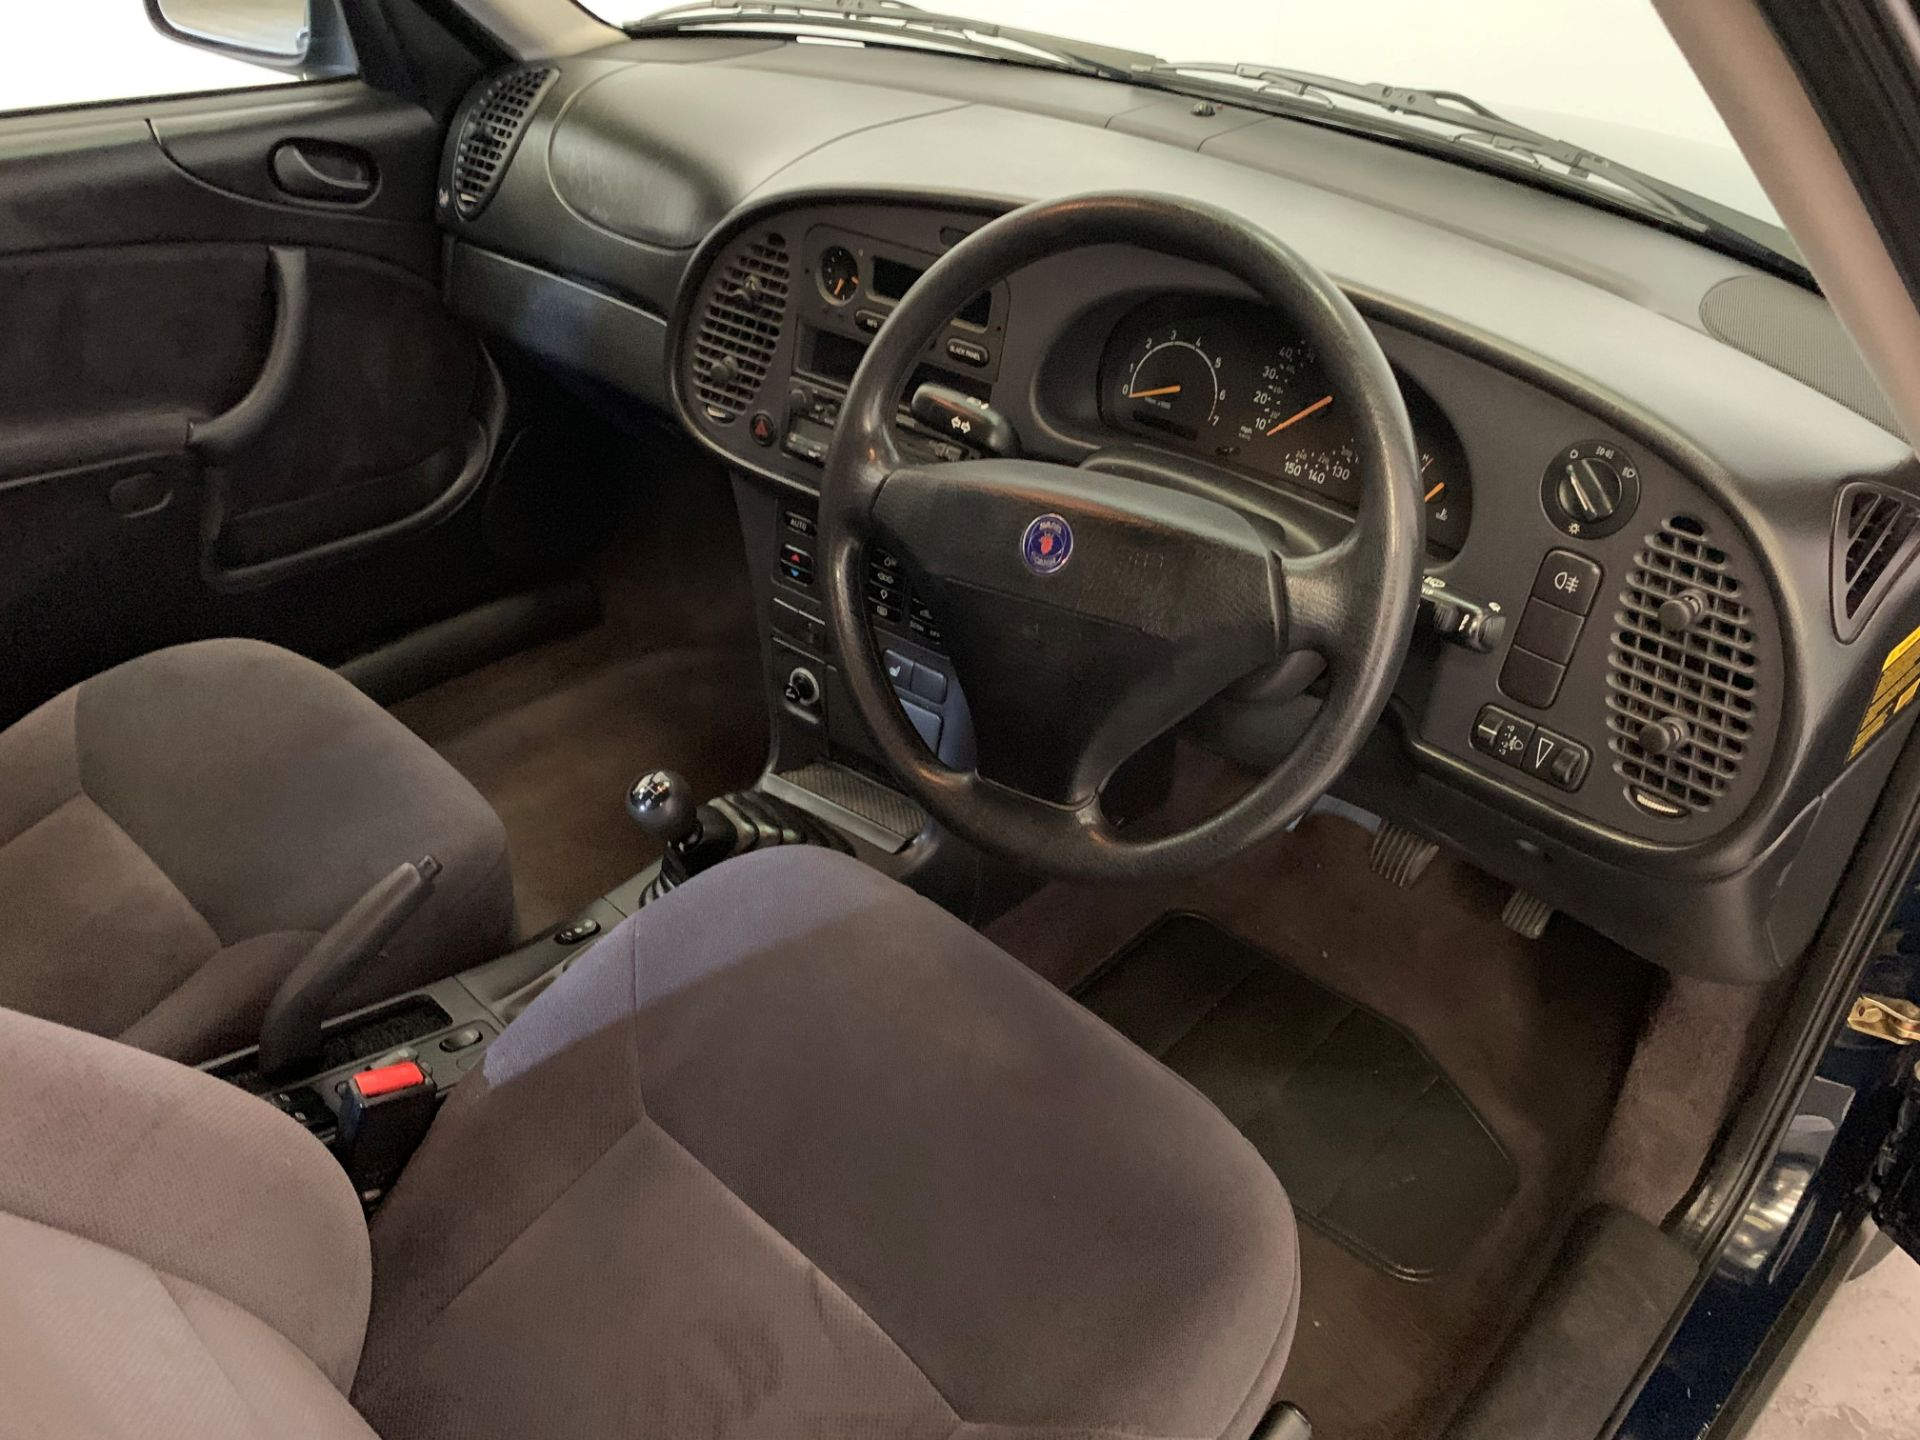 Lot 17 - 1996 Saab 900s - 2290cc